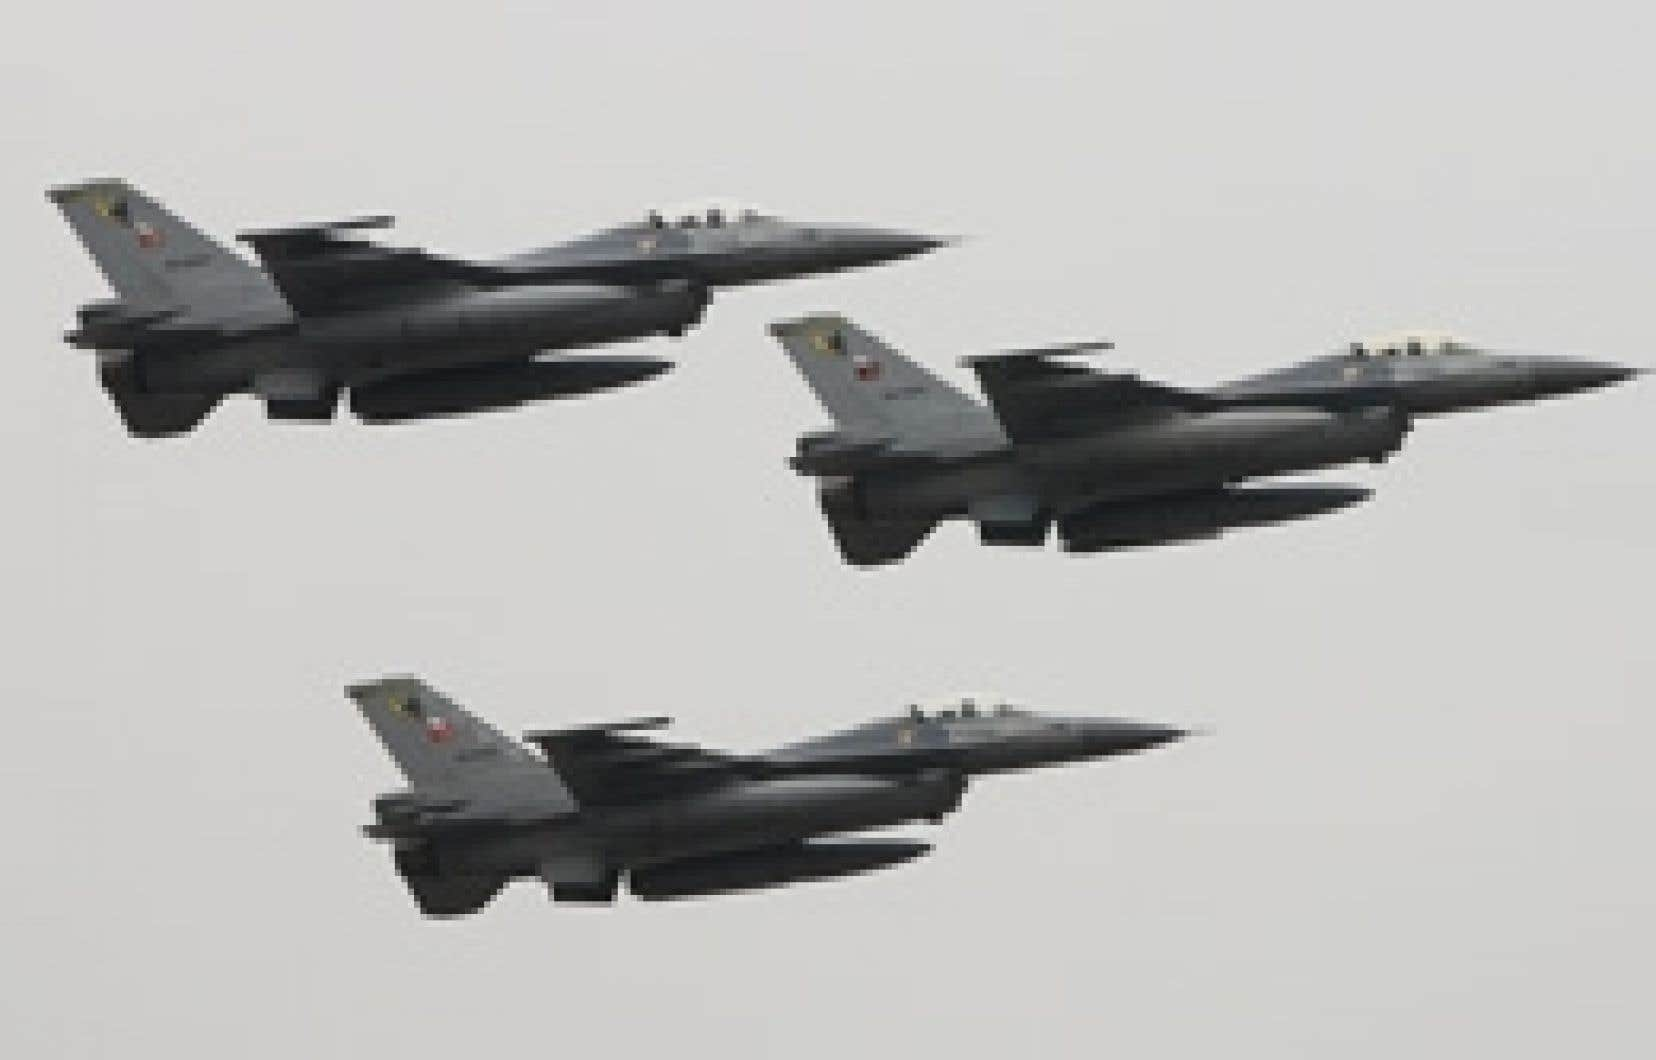 Des F16 turcs volent en formation dans le ciel d'Istanbul. Hier, l'aviation turque a bombardé plusieurs villages du nord-est de l'Irak pour éliminer les sanctuaires rebelles kurdes.